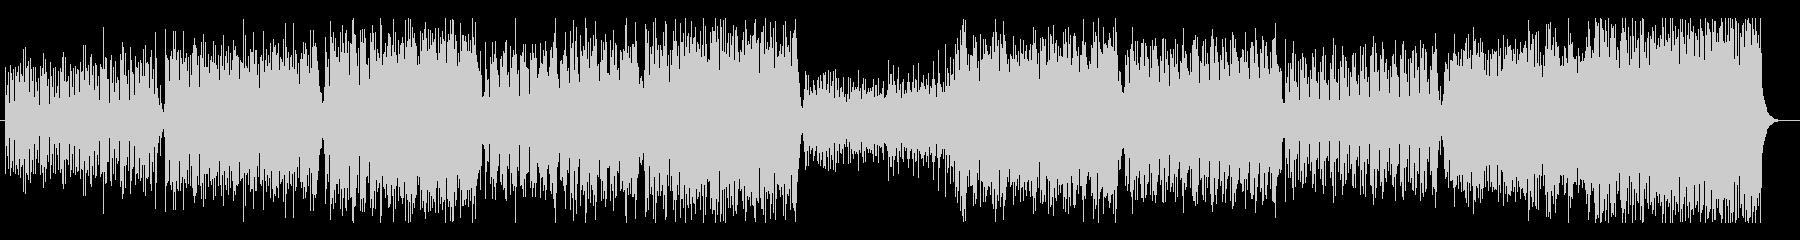 フィンランド民謡のイエヴァン・ポルカの未再生の波形